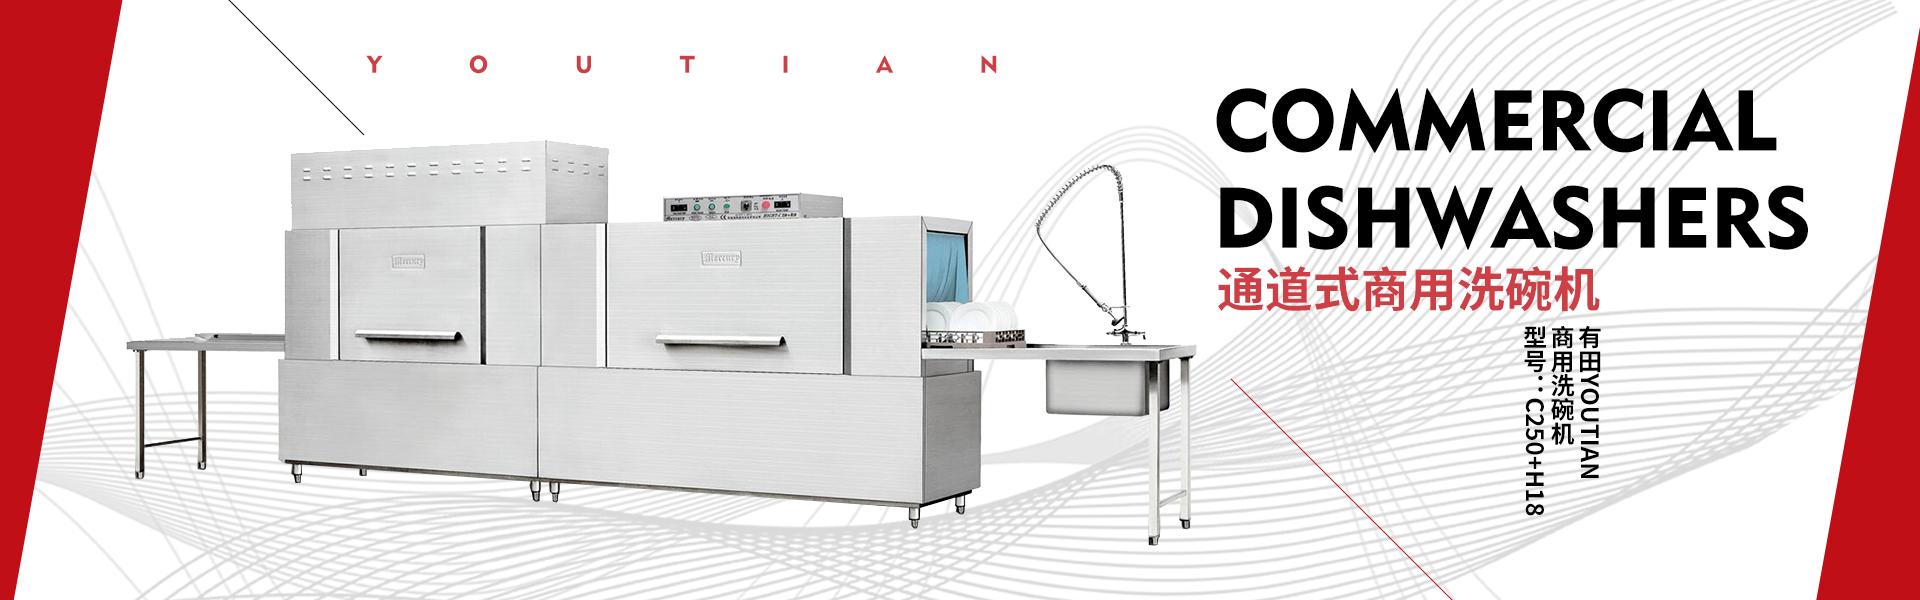 佛山有田商用廚房是一家集食堂洗碗機、酒店洗碗機、商用自動洗碗機的廠家